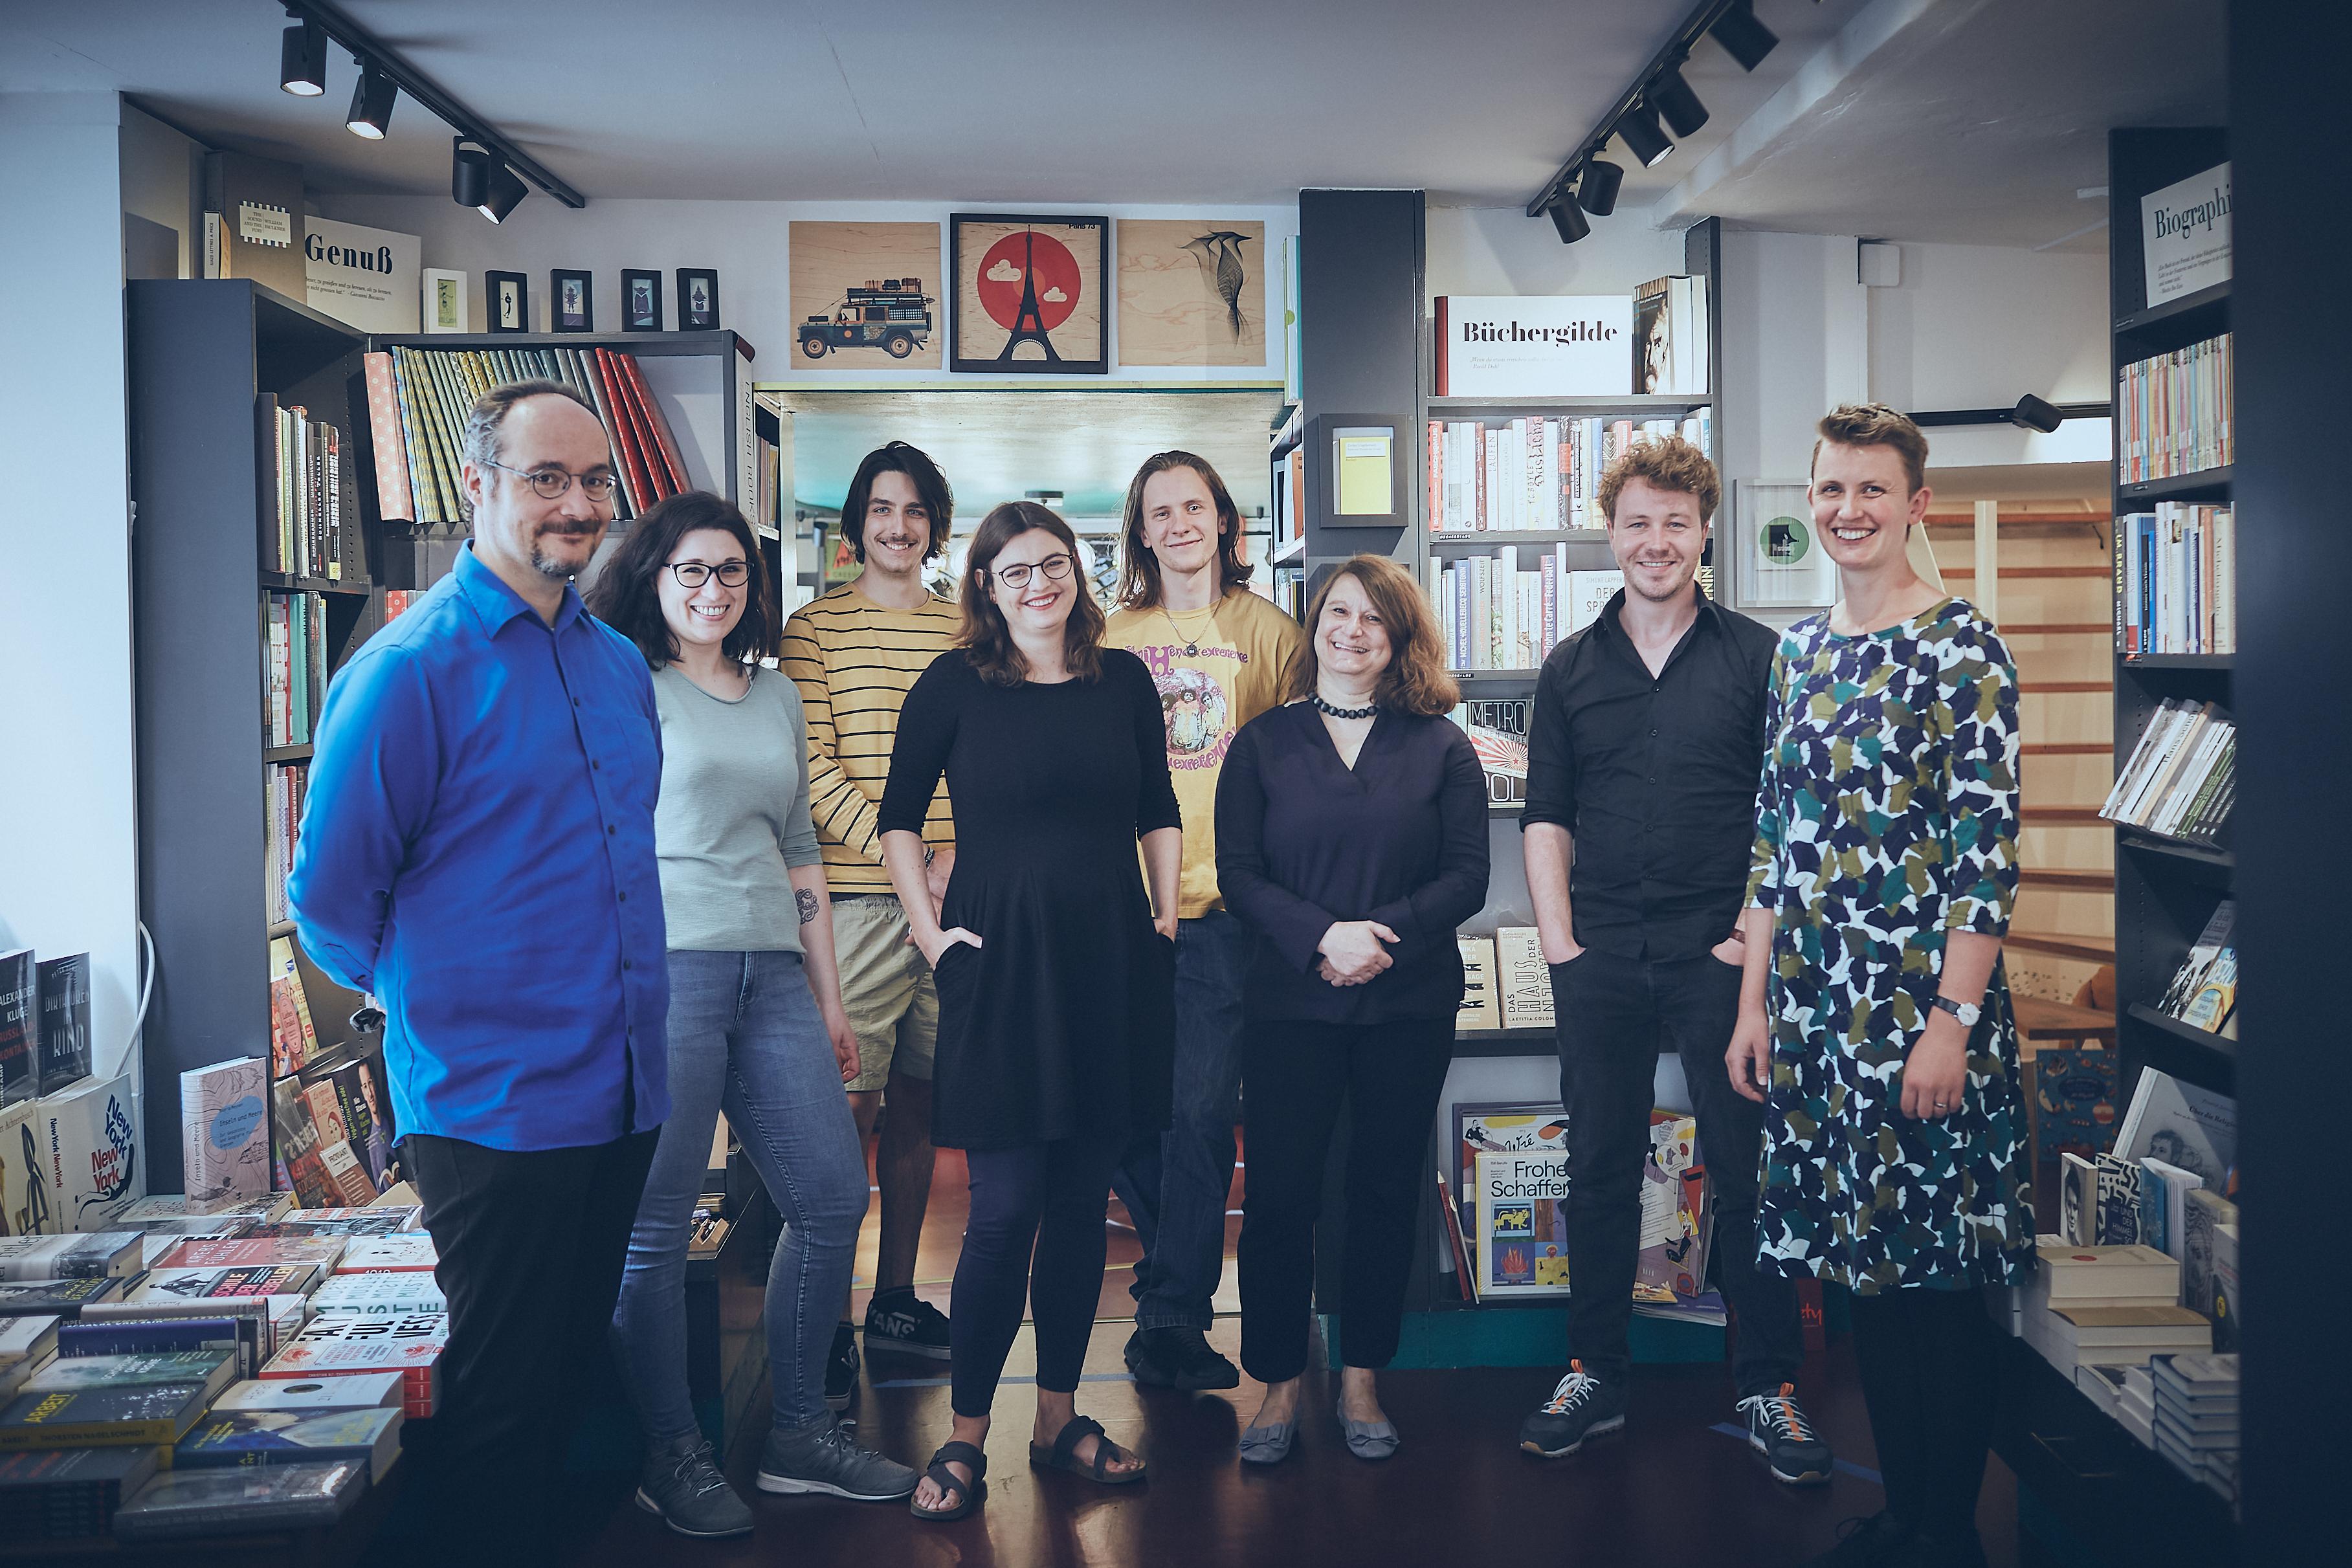 Die beste Buchhandlung Süddeutschlands kommt aus Ulm